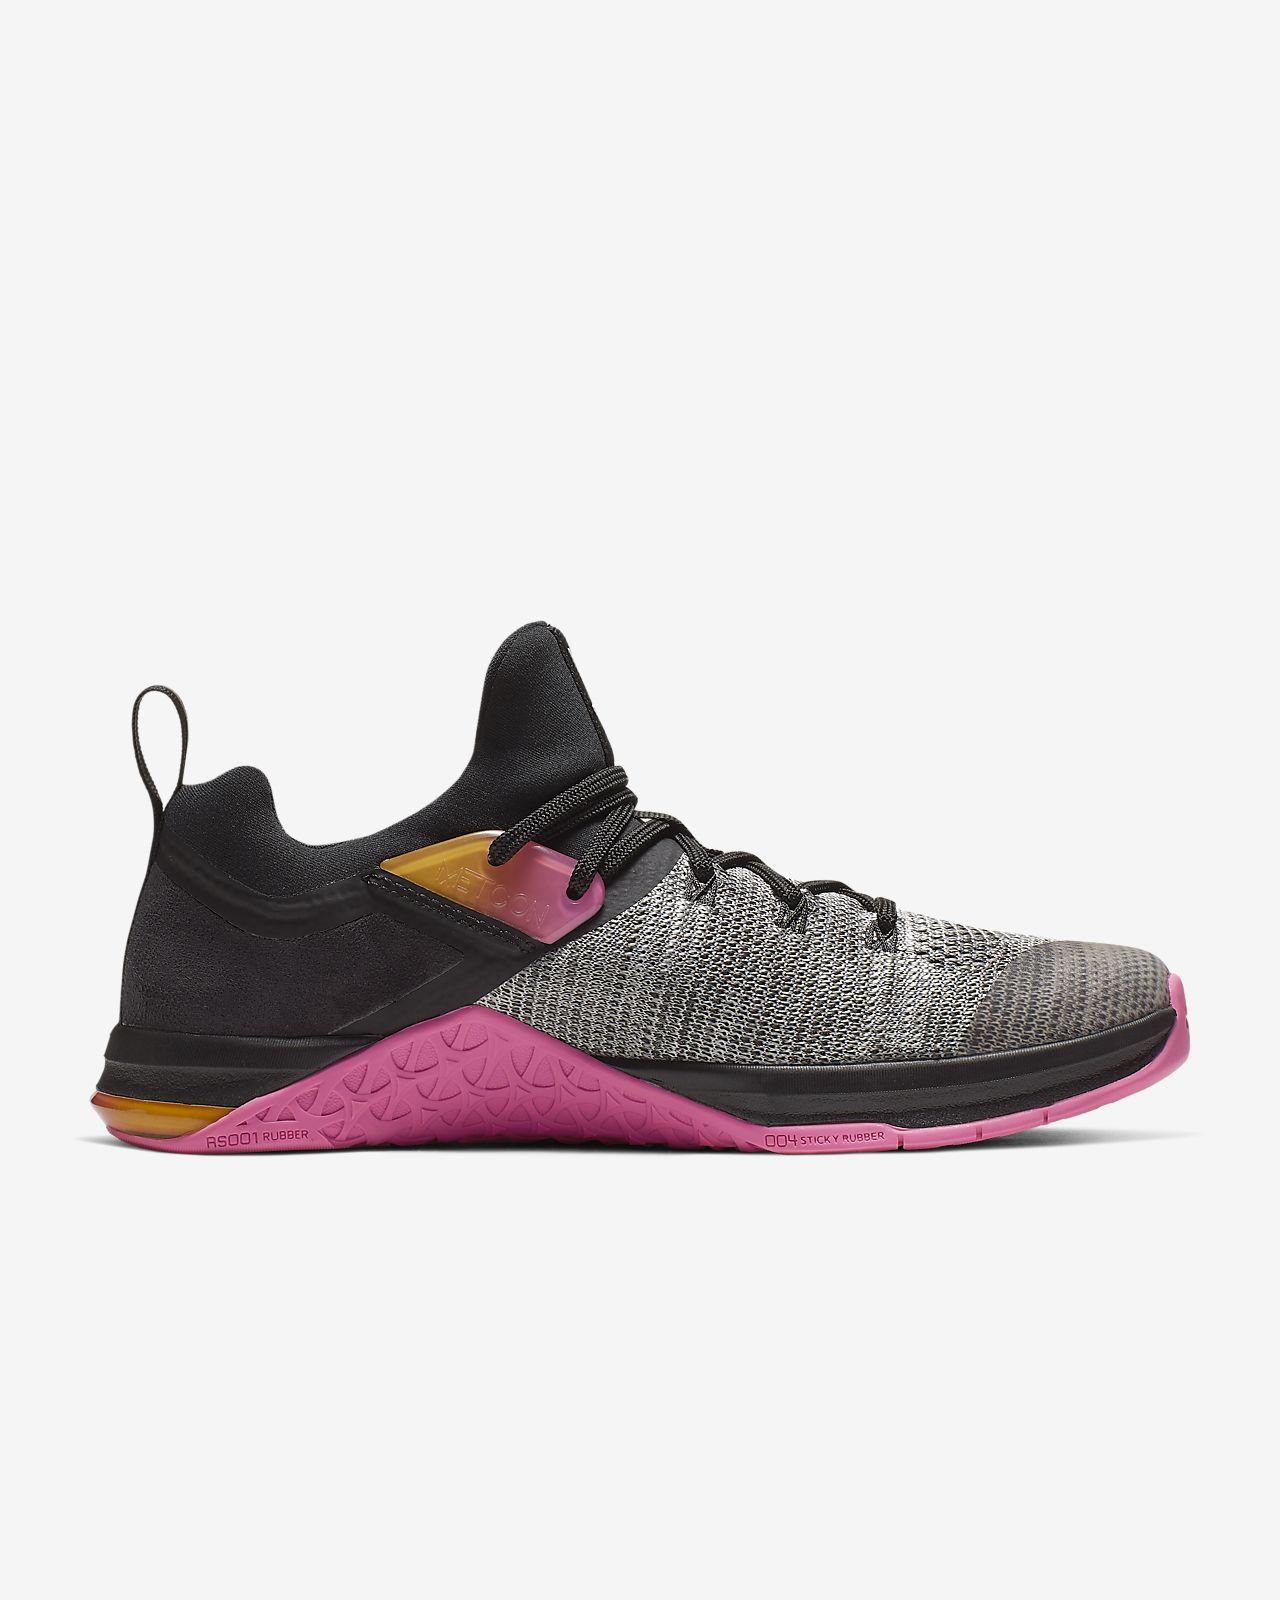 381f89876e5685 ... Chaussure de cross-training et de renforcement musculaire Nike Metcon  Flyknit 3 pour Femme